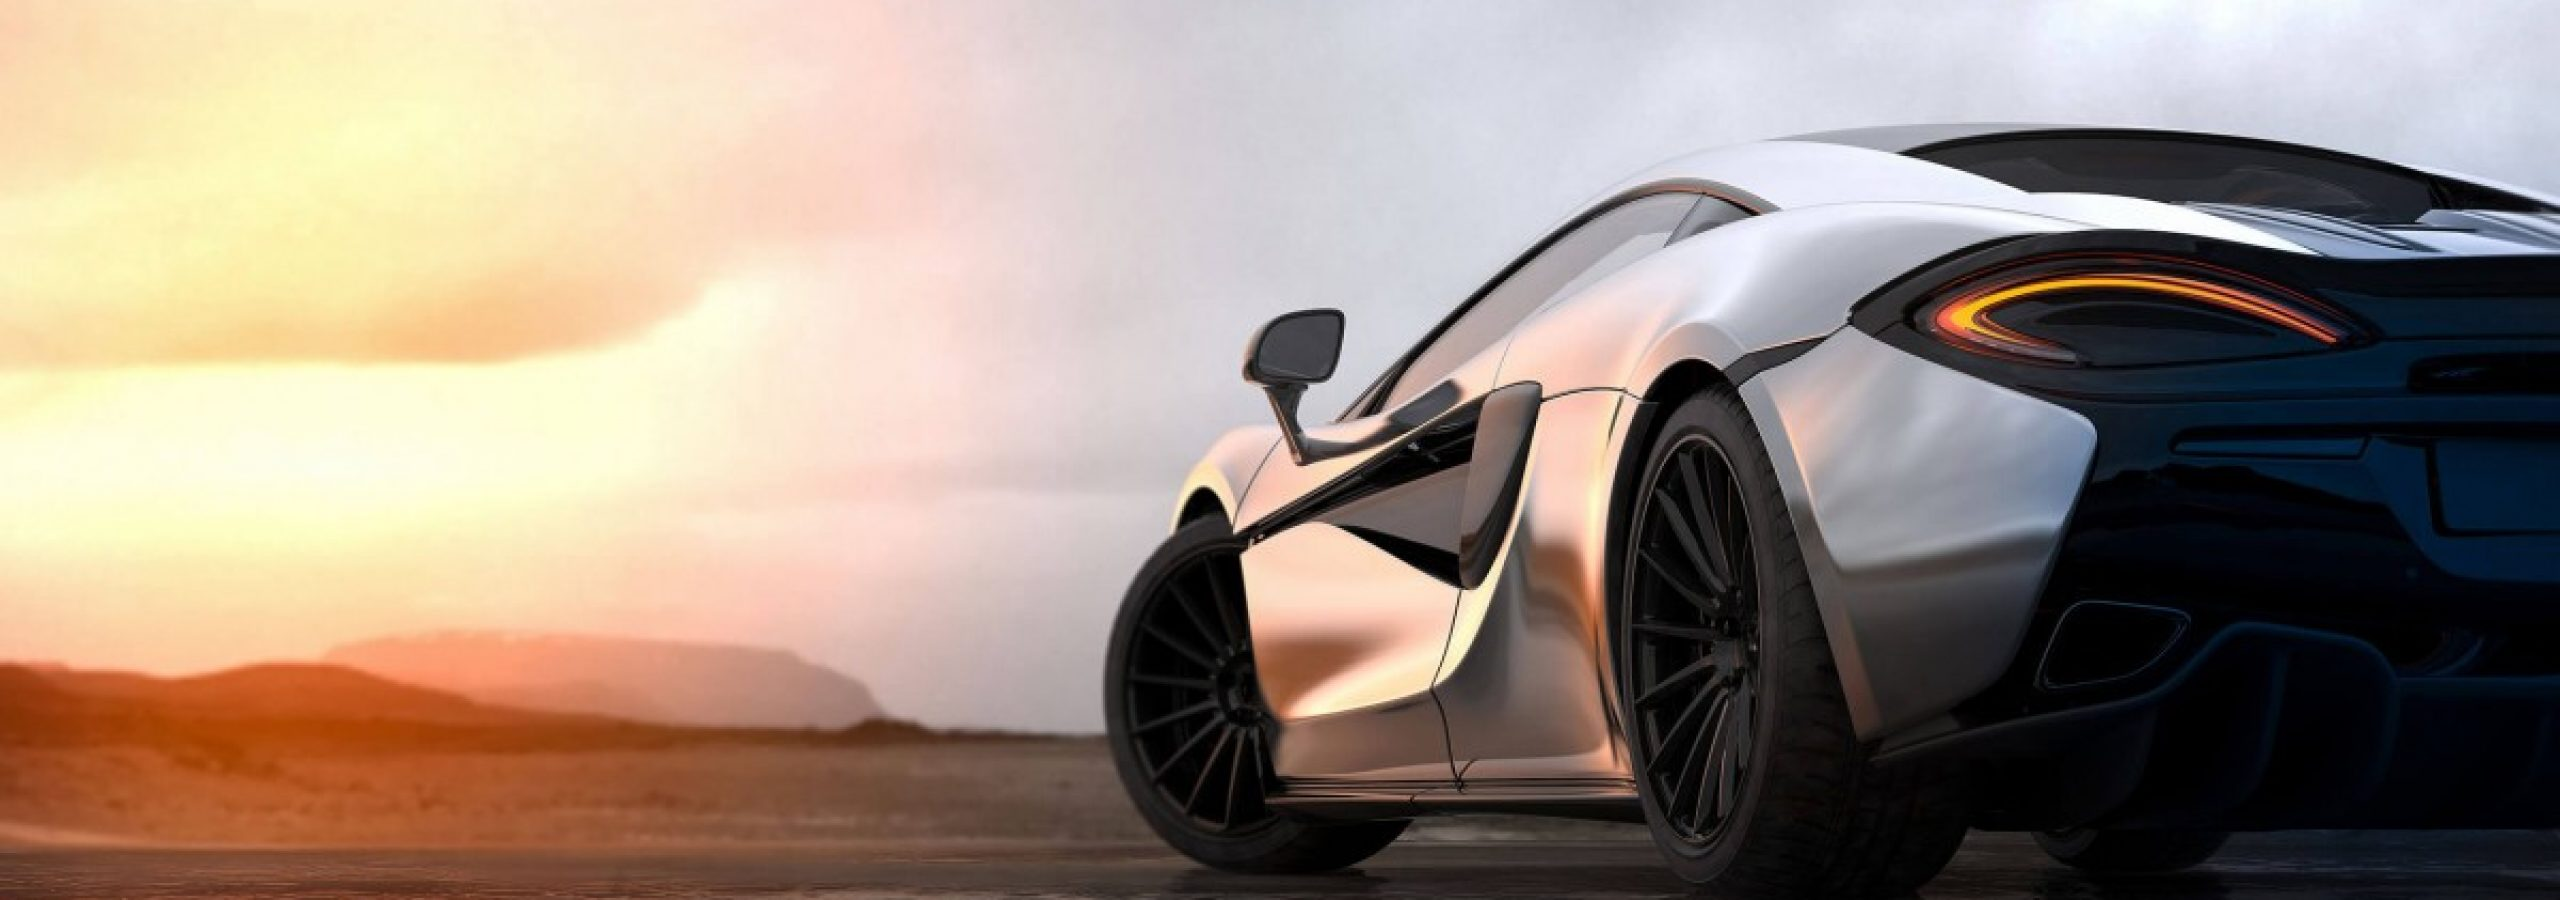 Tysers Insurance Brokers | Prestige Motor Vehicles